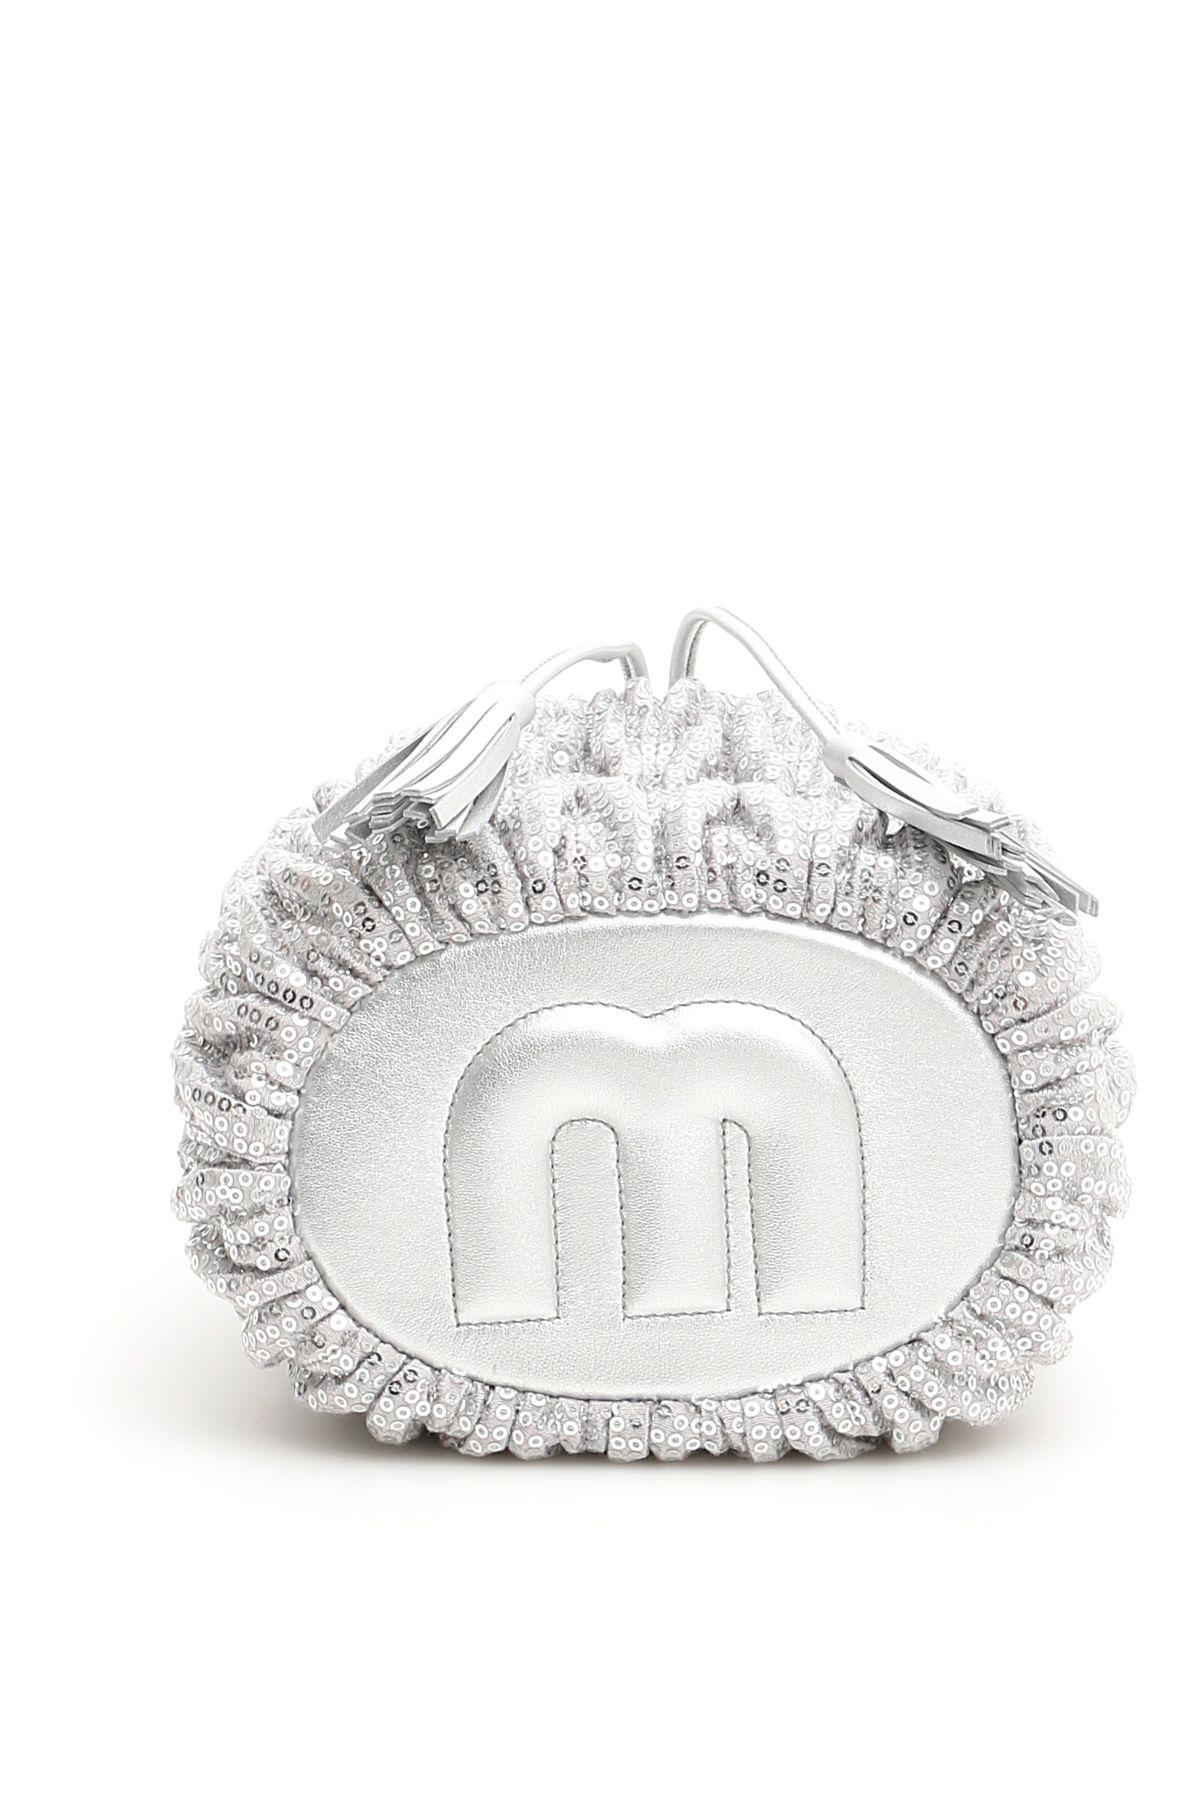 Miu Miu Miu Miu Sequins Matelassé Bucket Bag - ARGENTO Metallico ... cb5417a6b2